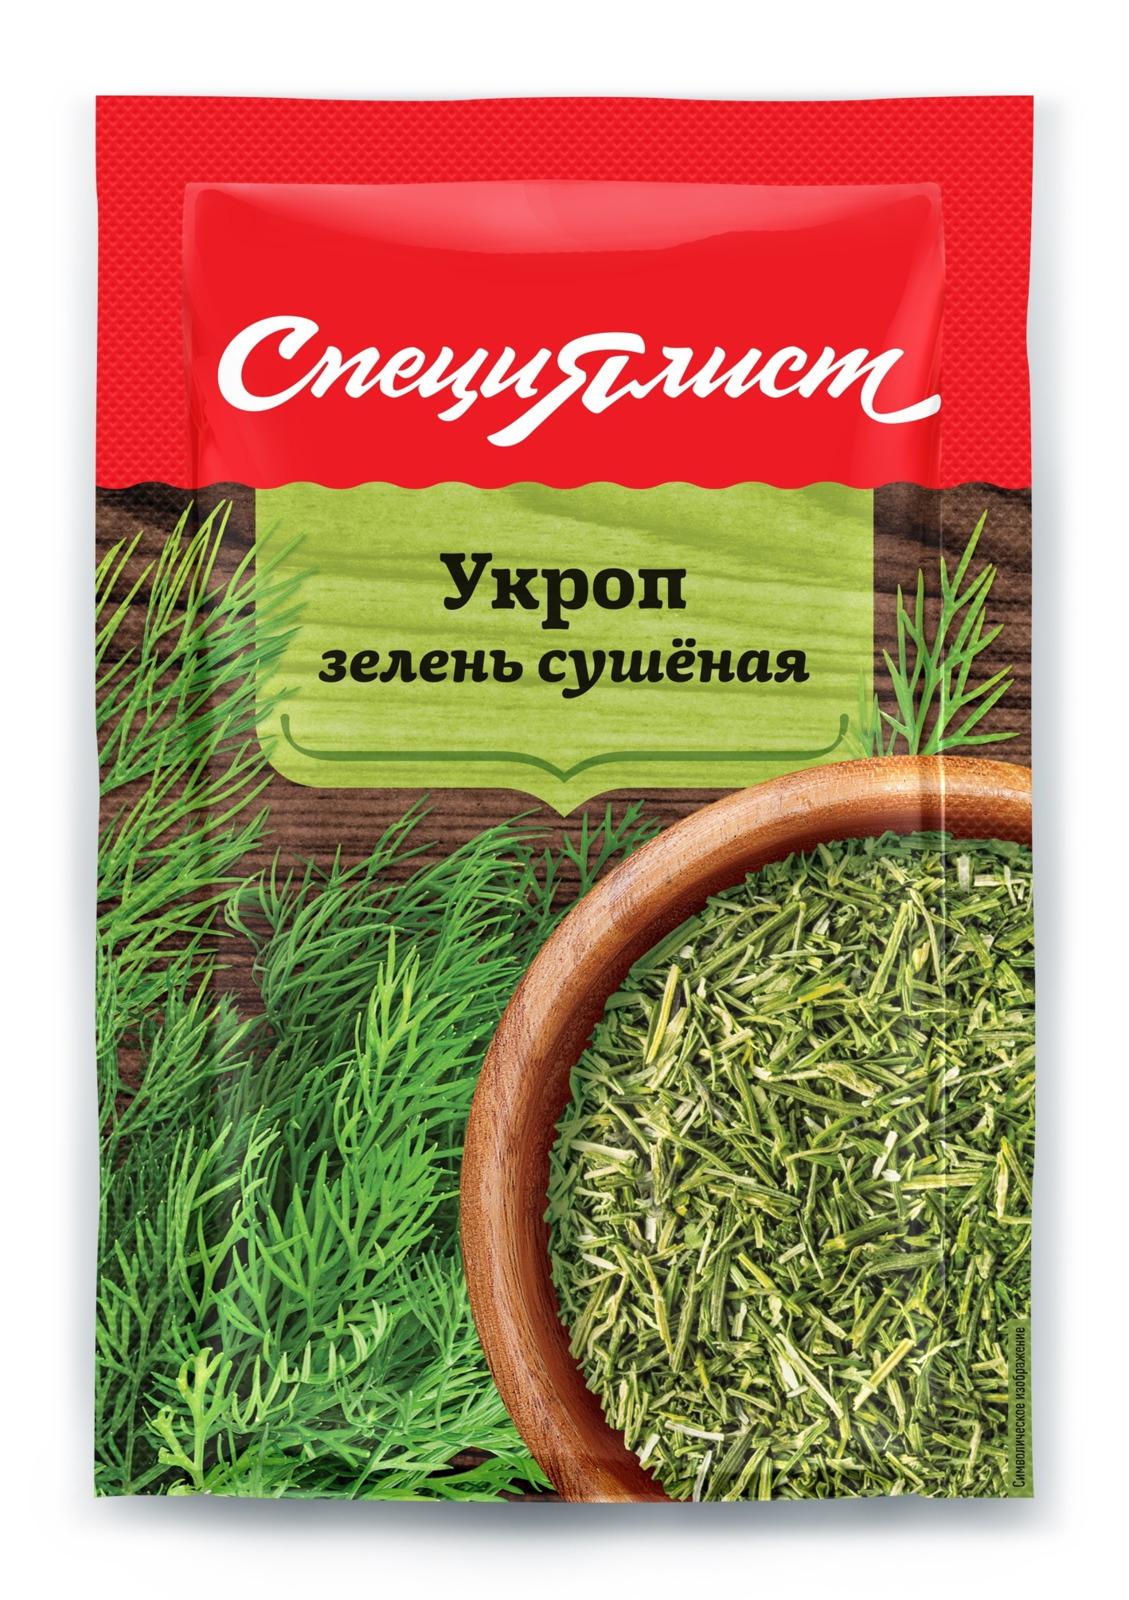 Приправа СпециЯлист Укроп, зелень, сушеная, 8 г х 5 шт витамины содержащие железо